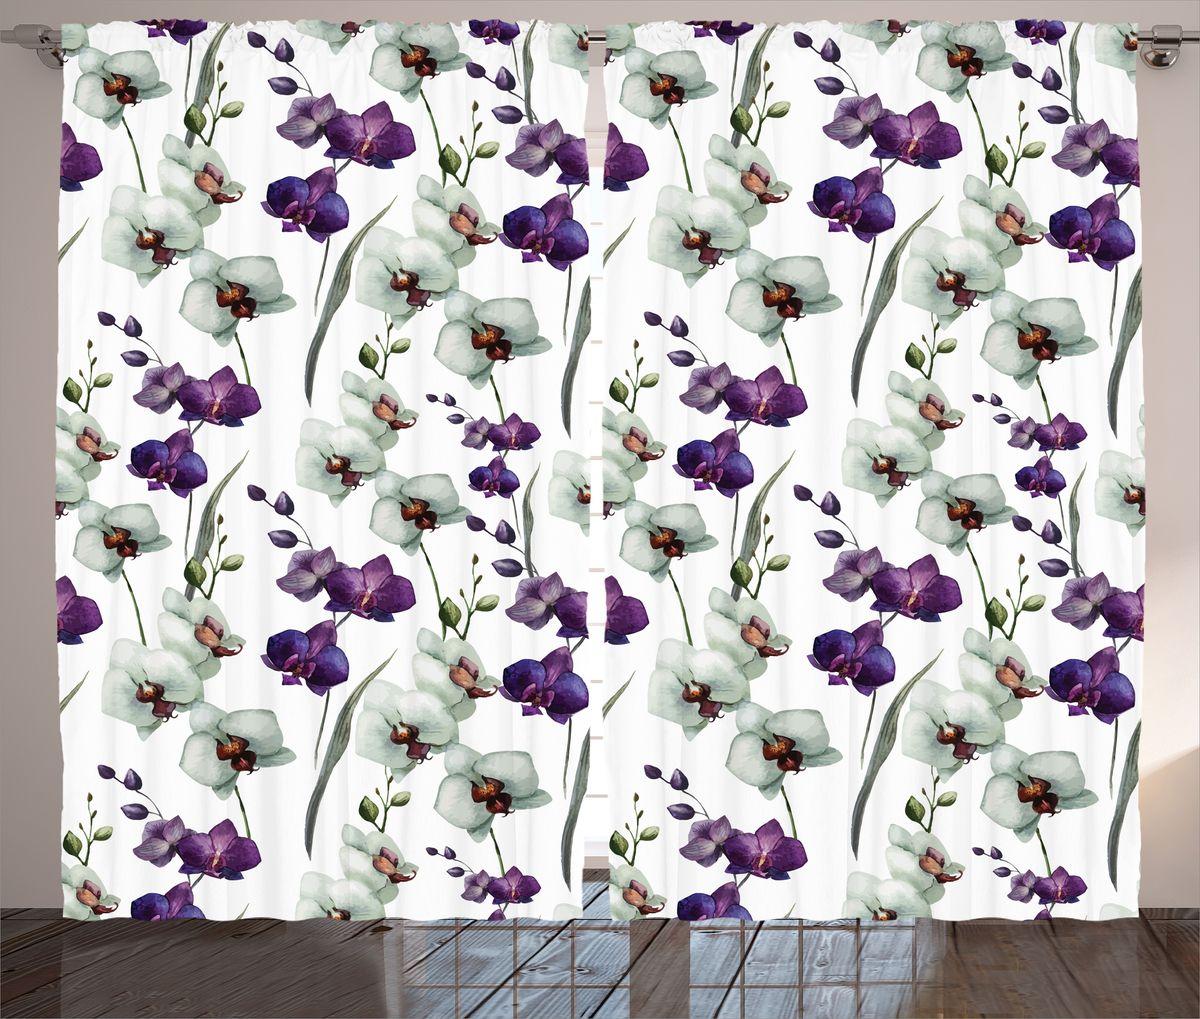 Комплект фотоштор Magic Lady Акварельные орхидеи, на ленте, высота 265 см. шсг_13887шсг_13887Компания Сэмболь изготавливает шторы из высококачественного сатена (полиэстер 100%). При изготовлении используются специальные гипоаллергенные чернила для прямой печати по ткани, безопасные для человека и животных. Экологичность продукции Magic lady и безопасность для окружающей среды подтверждены сертификатом Oeko-Tex Standard 100. Крепление: крючки для крепления на шторной ленте (50 шт). Возможно крепление на трубу. Внимание! При нанесении сублимационной печати на ткань технологическим методом при температуре 240°С, возможно отклонение полученных размеров (указанных на этикетке и сайте) от стандартных на + - 3-5 см. Производитель старается максимально точно передать цвета изделия на фотографиях, однако искажения неизбежны и фактический цвет изделия может отличаться от воспринимаемого по фото. Обратите внимание! Шторы изготовлены из полиэстра сатенового переплетения, а не из сатина (хлопок). Размер одного полотна шторы: 145х265 см. В комплекте 2 полотна шторы и 50 крючков.